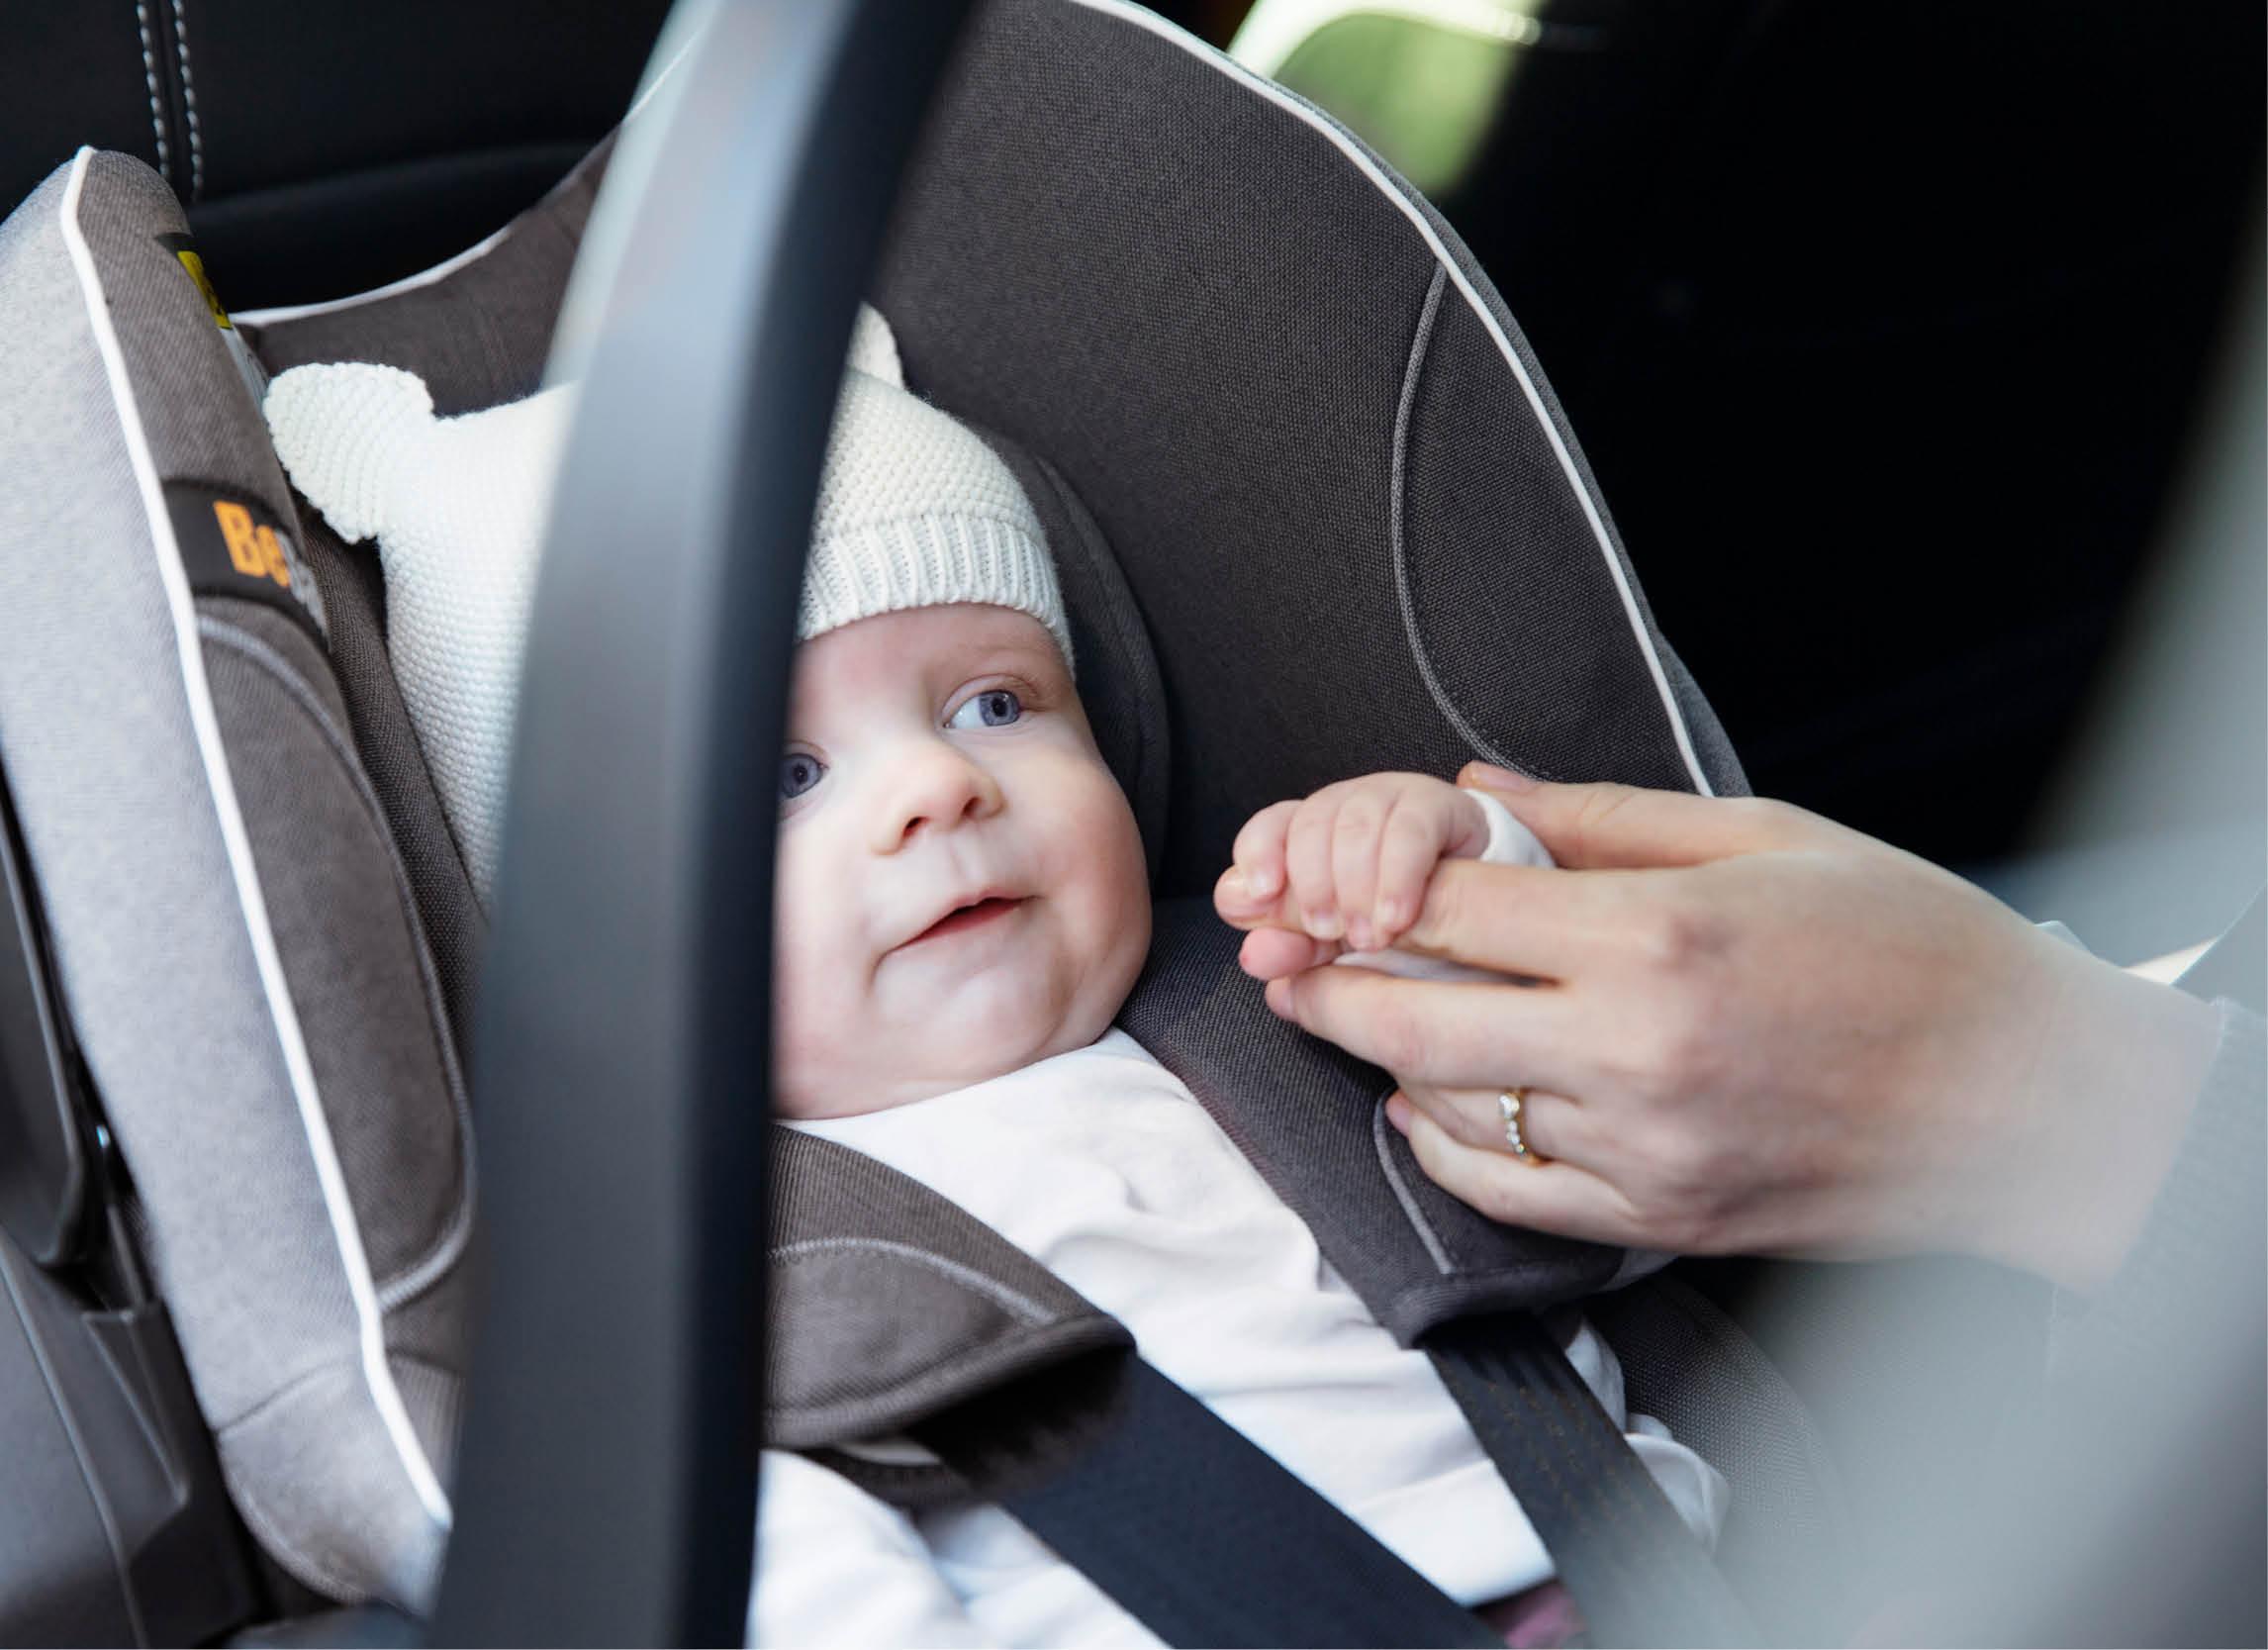 Sicher Autofahren im Winter - Tipps für's richtige Anschnallen